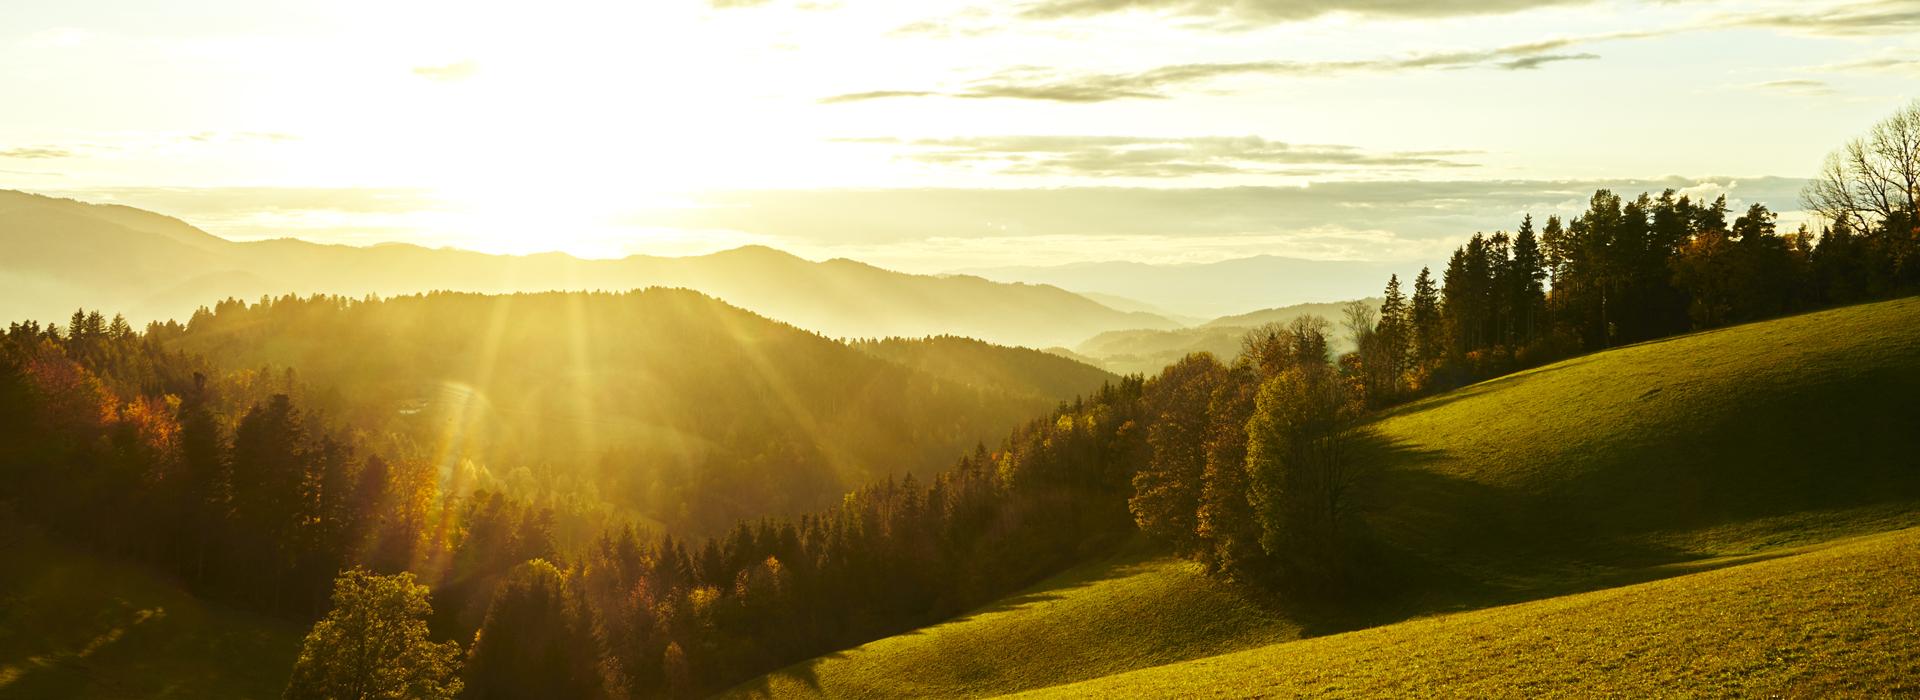 Beim achtsamen Wandern praktizieren wir gemeinsam achtsames Gehen, in Stille und im Austausch.